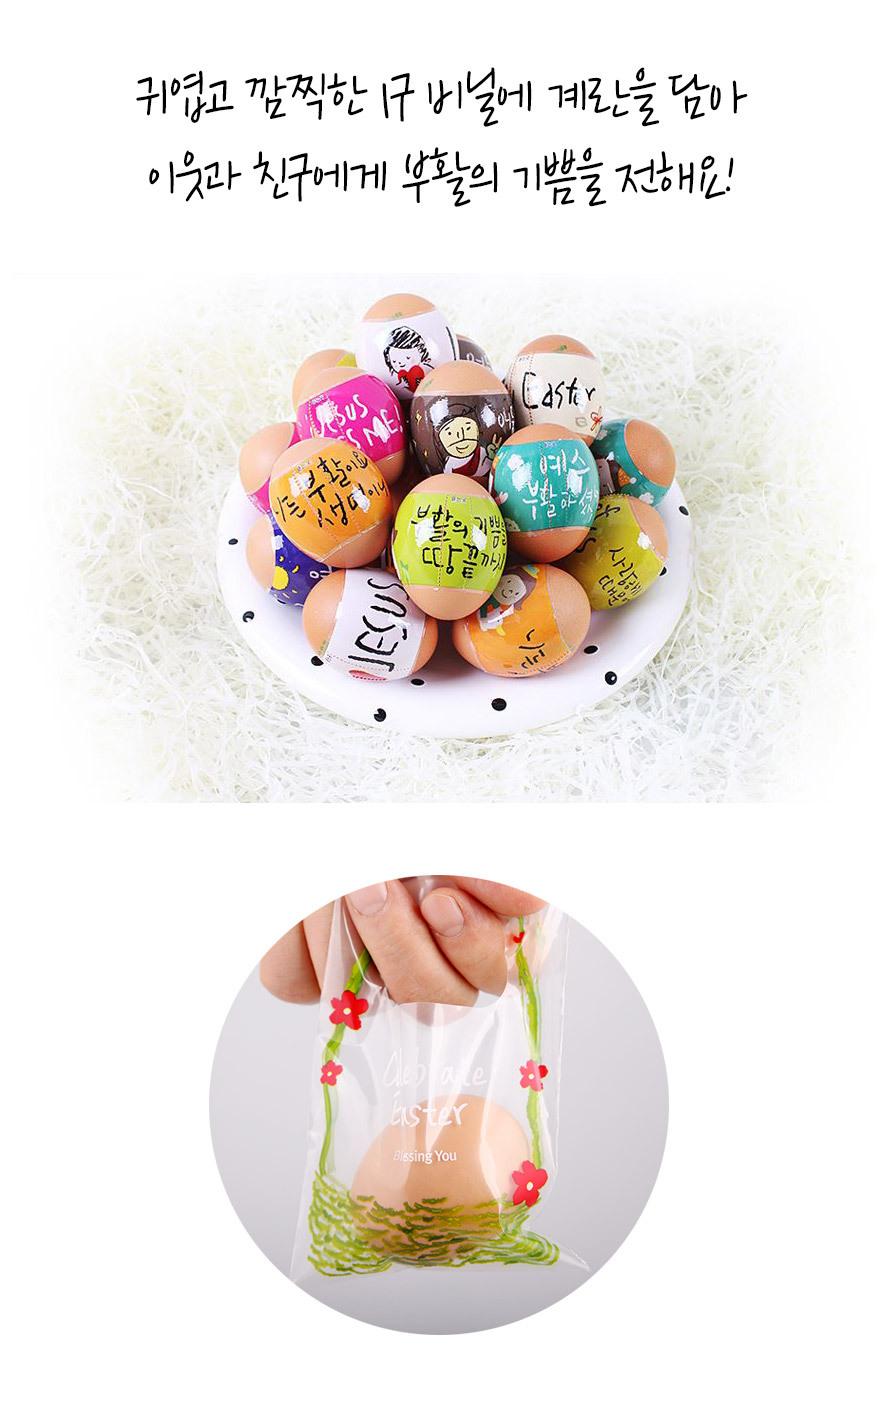 부활절 교회선물 포장재 1구 손잡이비닐 - 2.해피에 계란을 담아 부활의 기쁨을 전해요